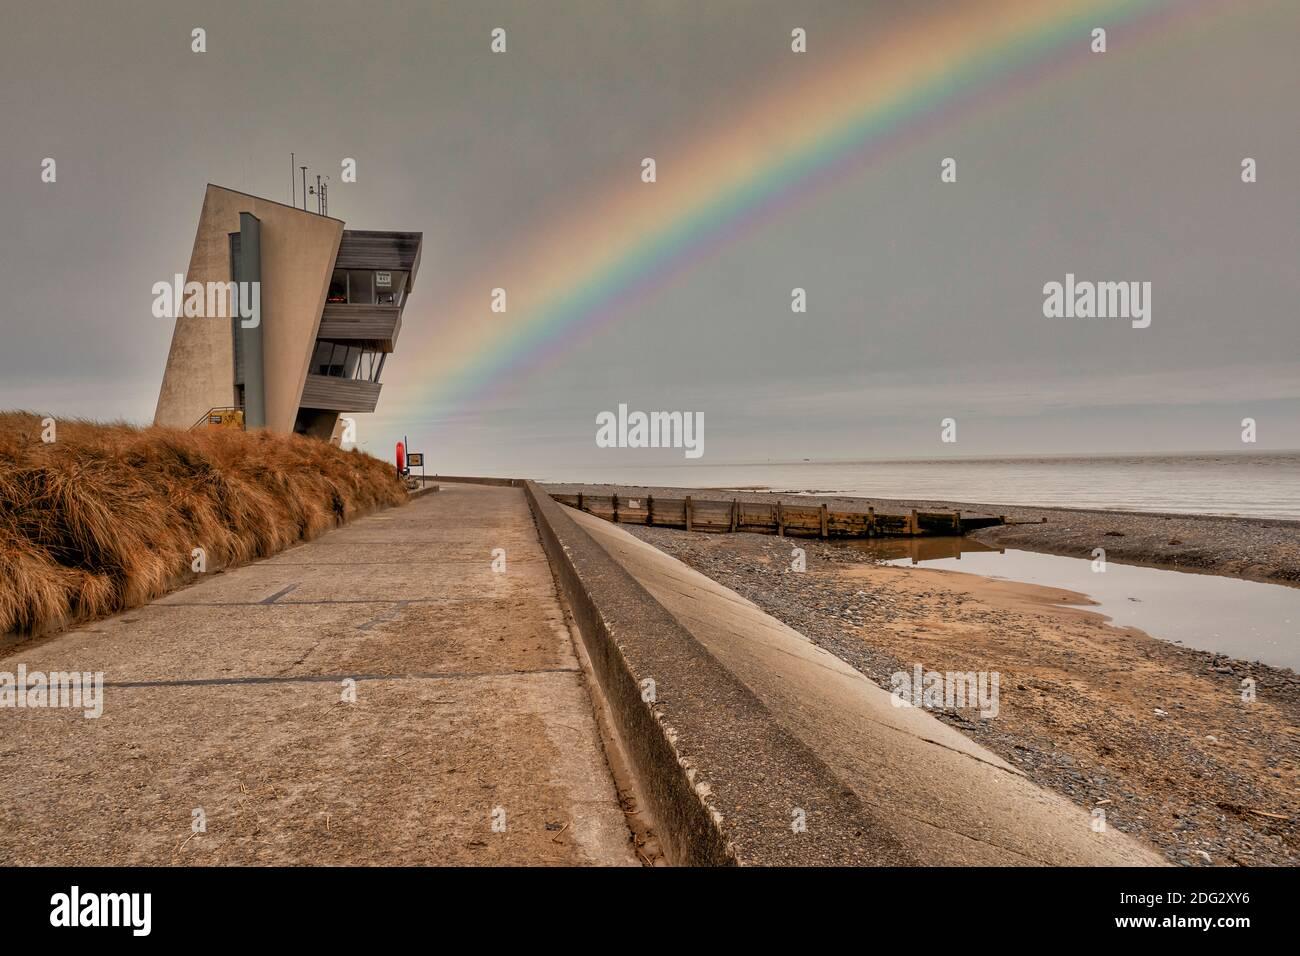 Rainbow à Rossall Beach, Fleetwood, Lancashire, Royaume-Uni. Le bâtiment de quatre étages situé sur la promenade extérieure de Rossall point est la tour Rossall Coastwatch. Banque D'Images